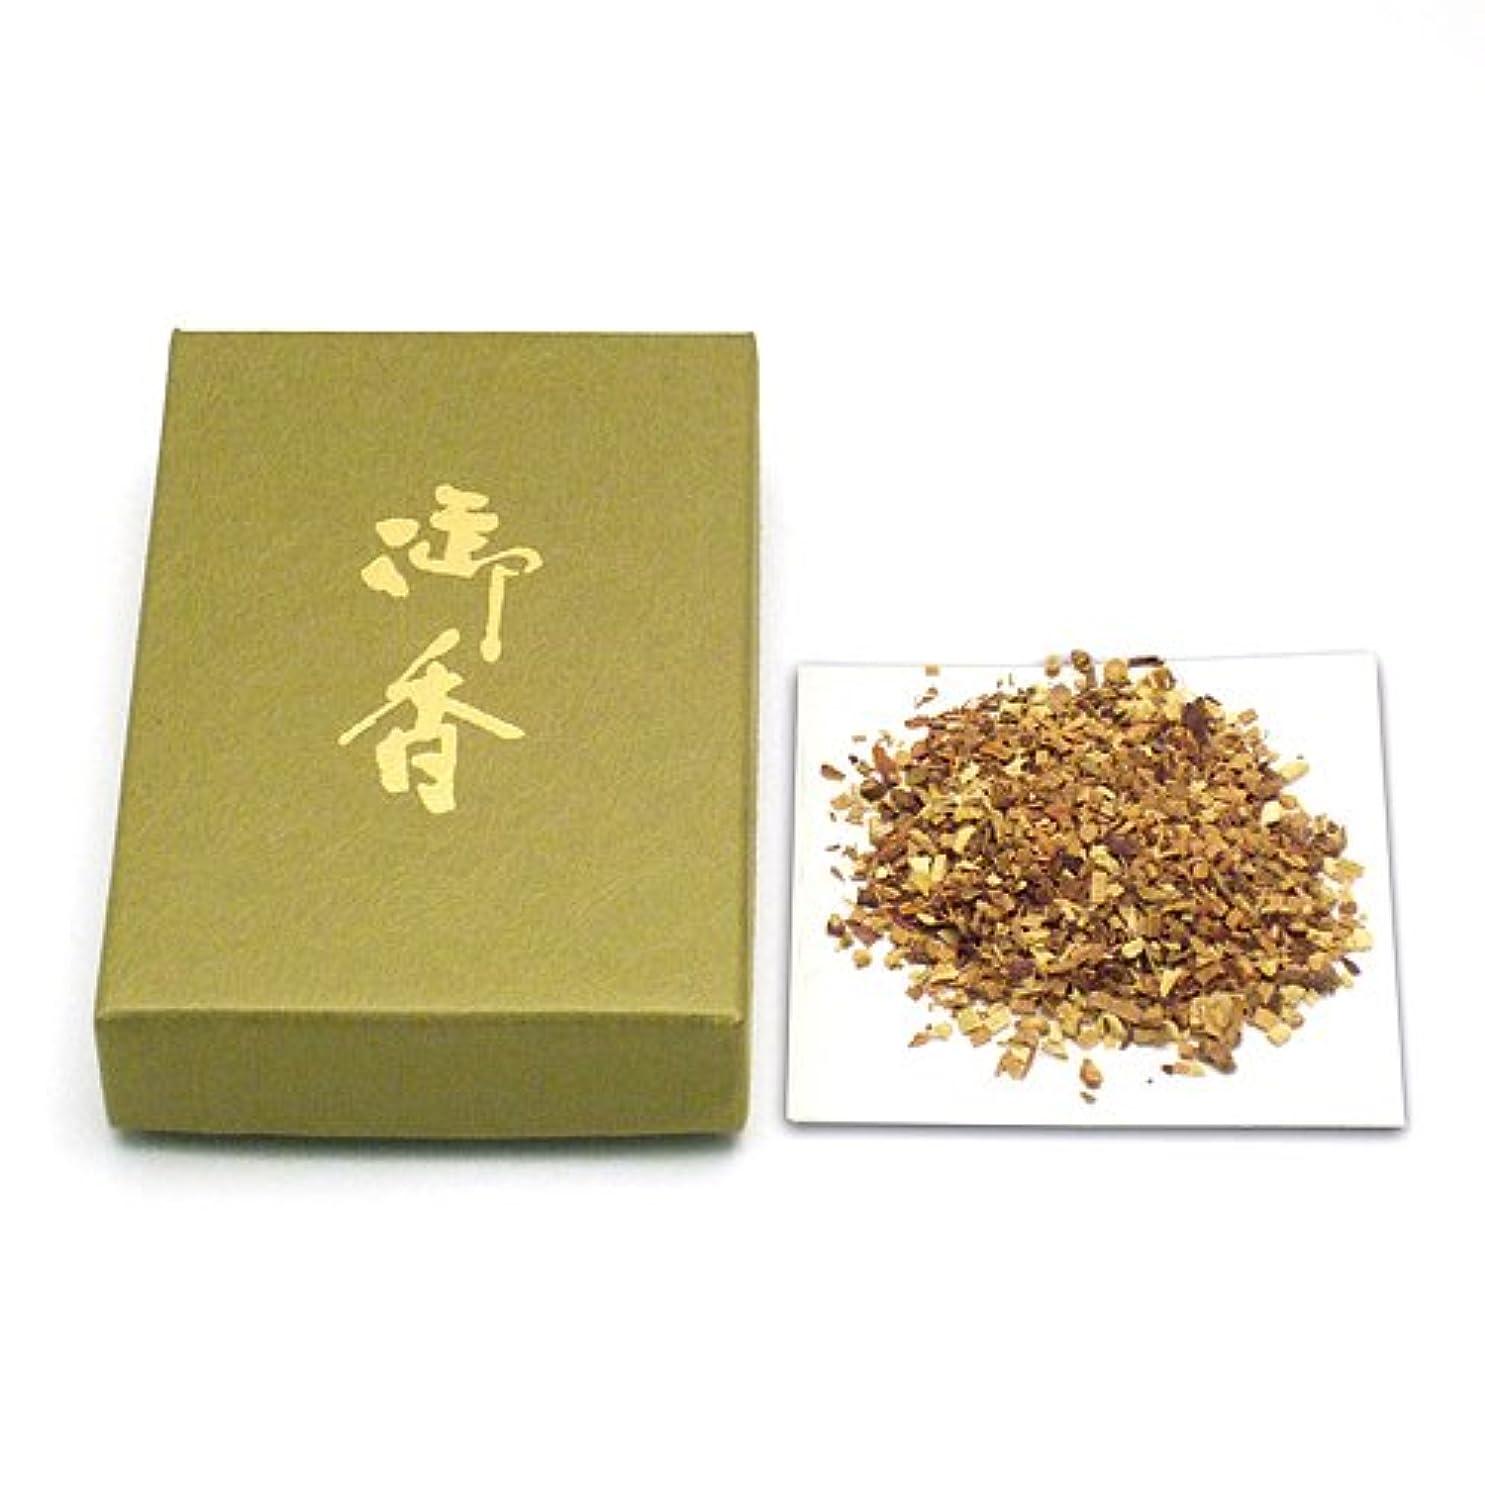 財団信者最小化する焼香用御香 瑞薫印 25g◆お焼香用の御香